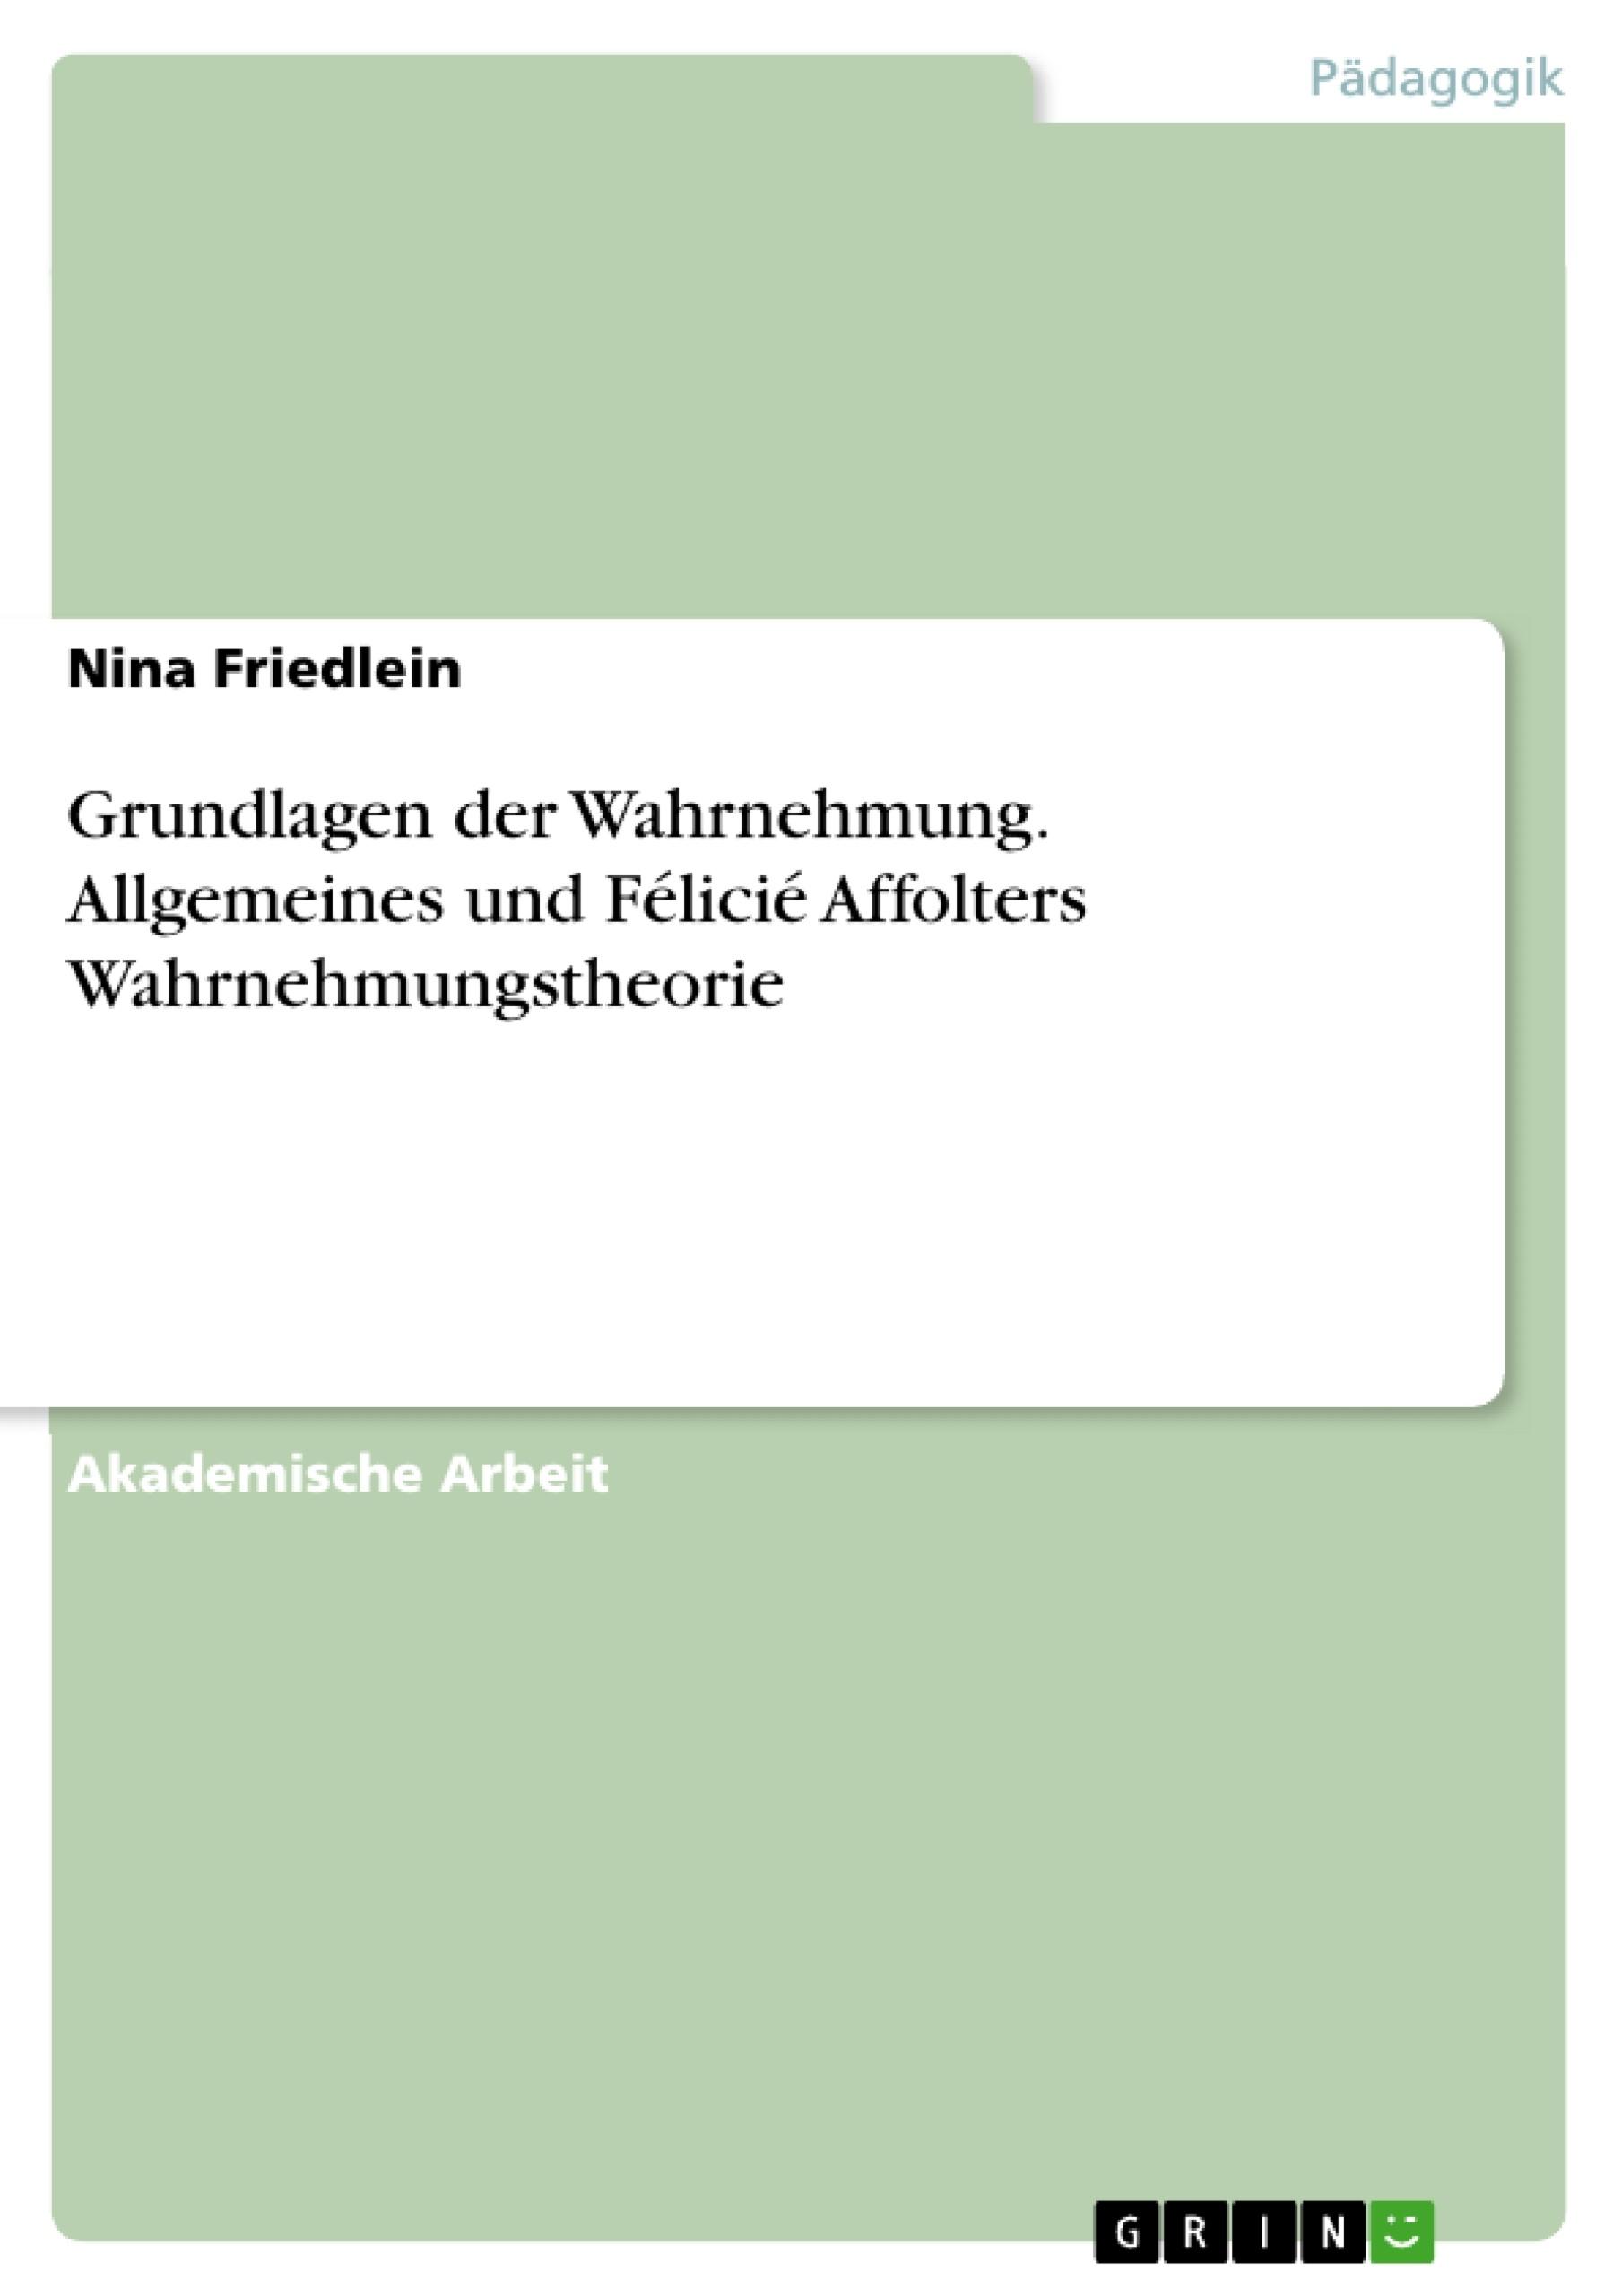 Titel: Grundlagen der Wahrnehmung. Allgemeines und Félicié Affolters Wahrnehmungstheorie